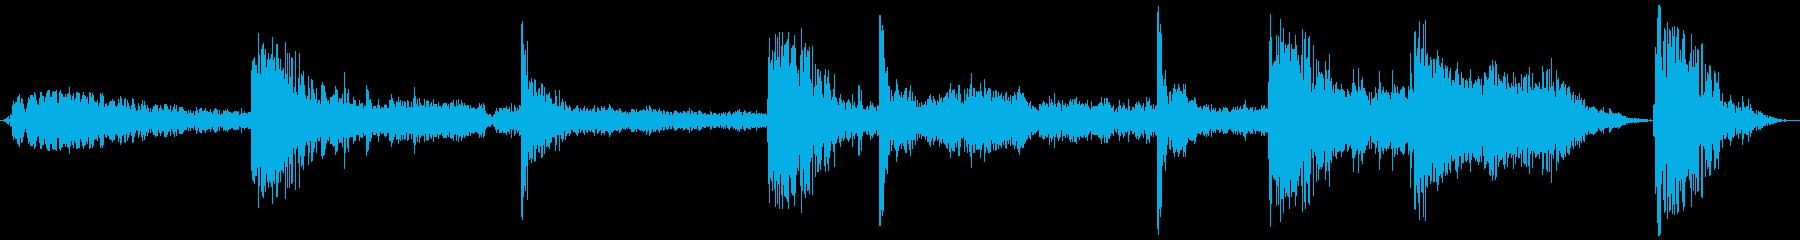 【ホラー 映画 ゲーム】汚染 シーンの再生済みの波形